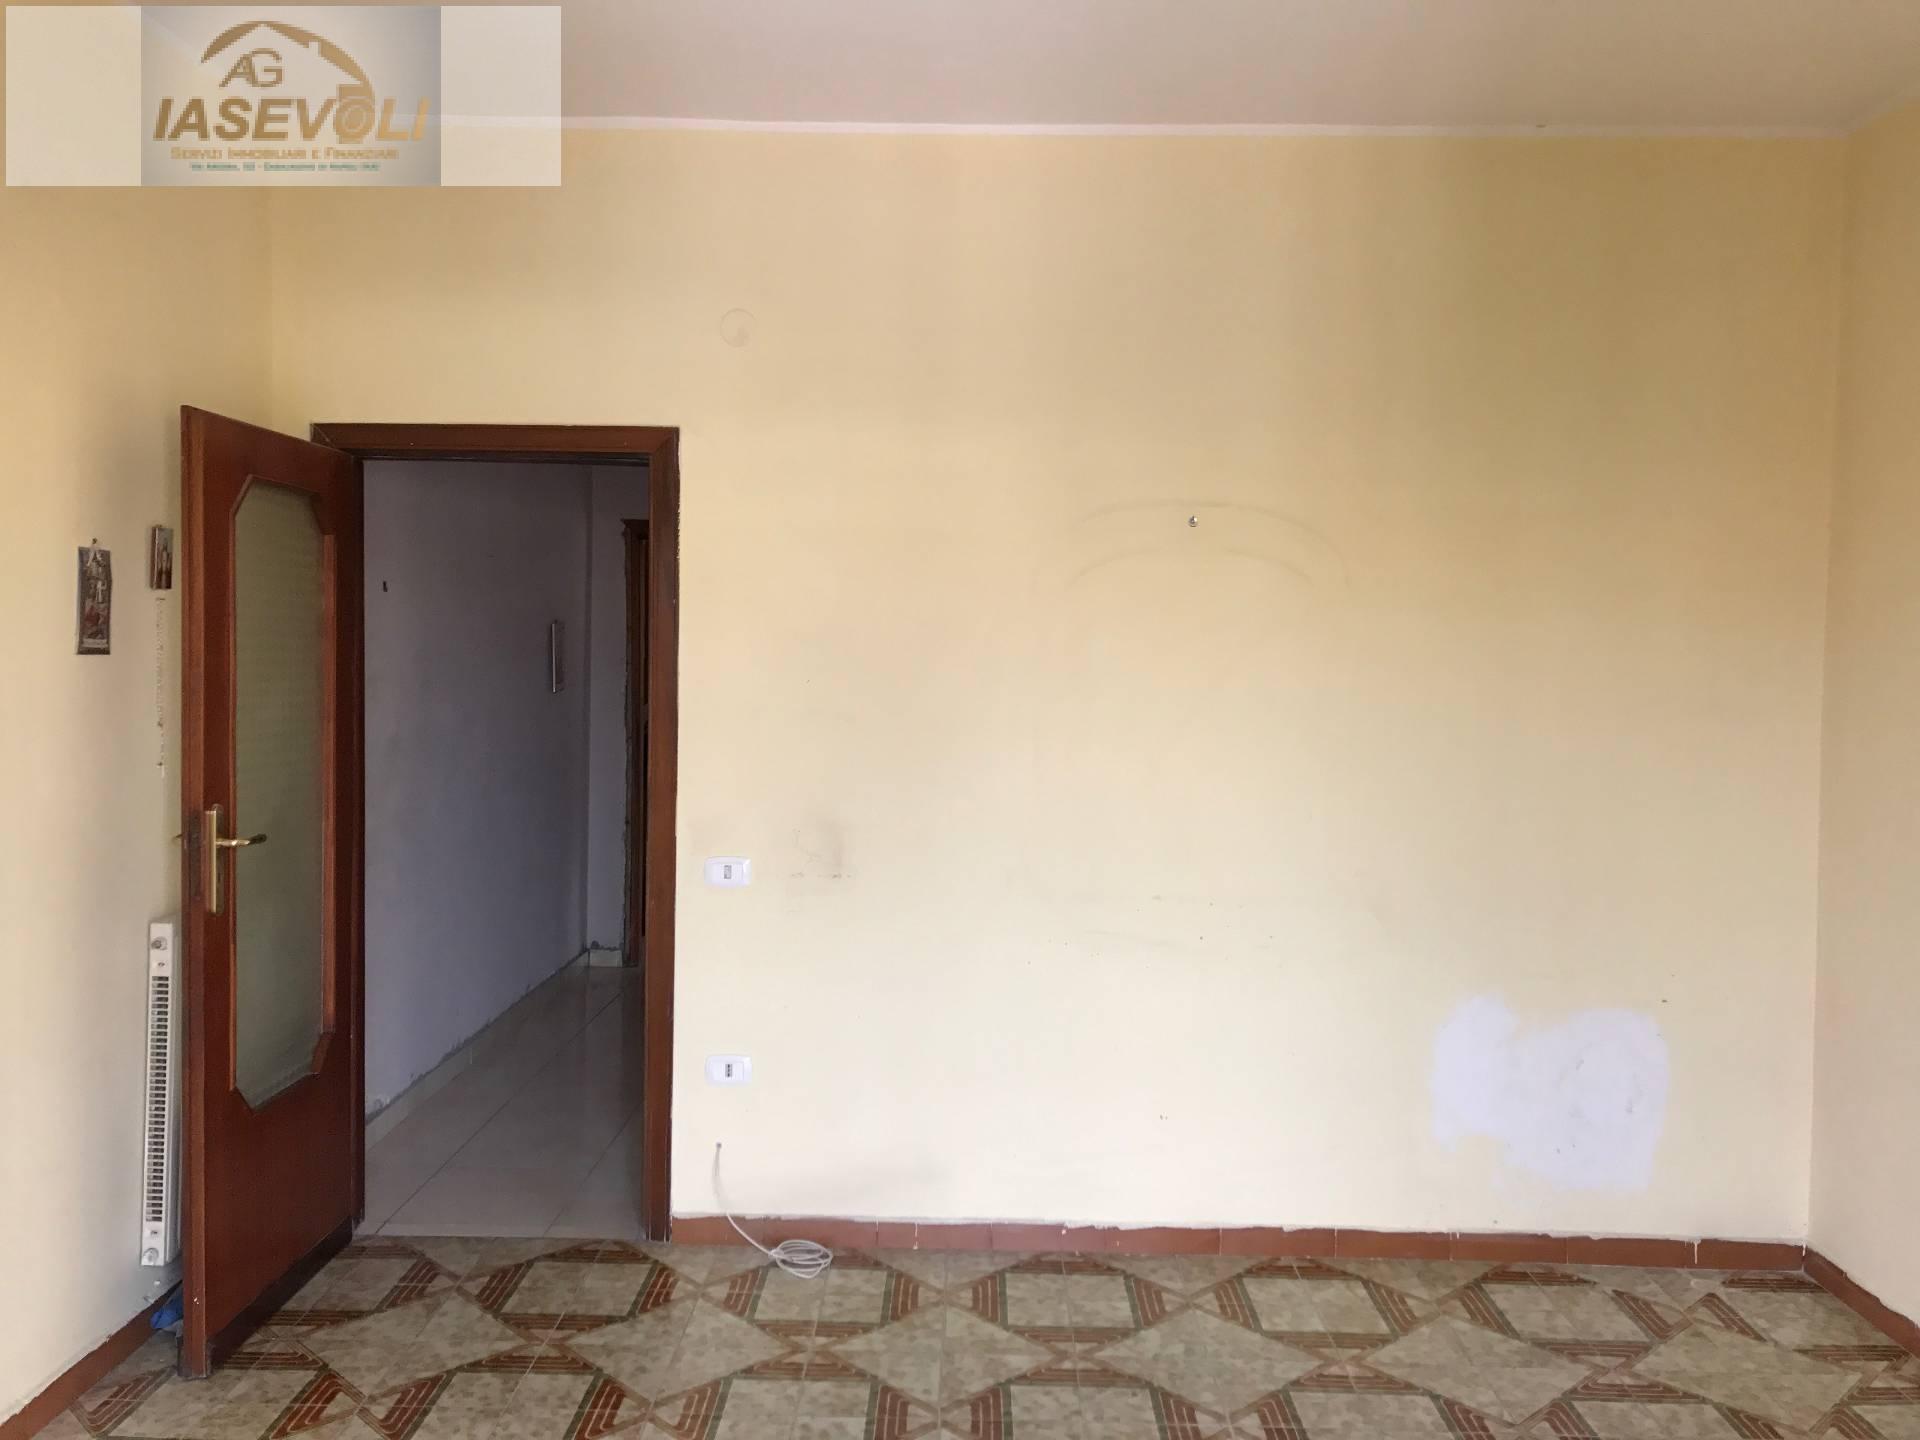 Appartamento in affitto a Casalnuovo di Napoli, 2 locali, prezzo € 380 | Cambio Casa.it